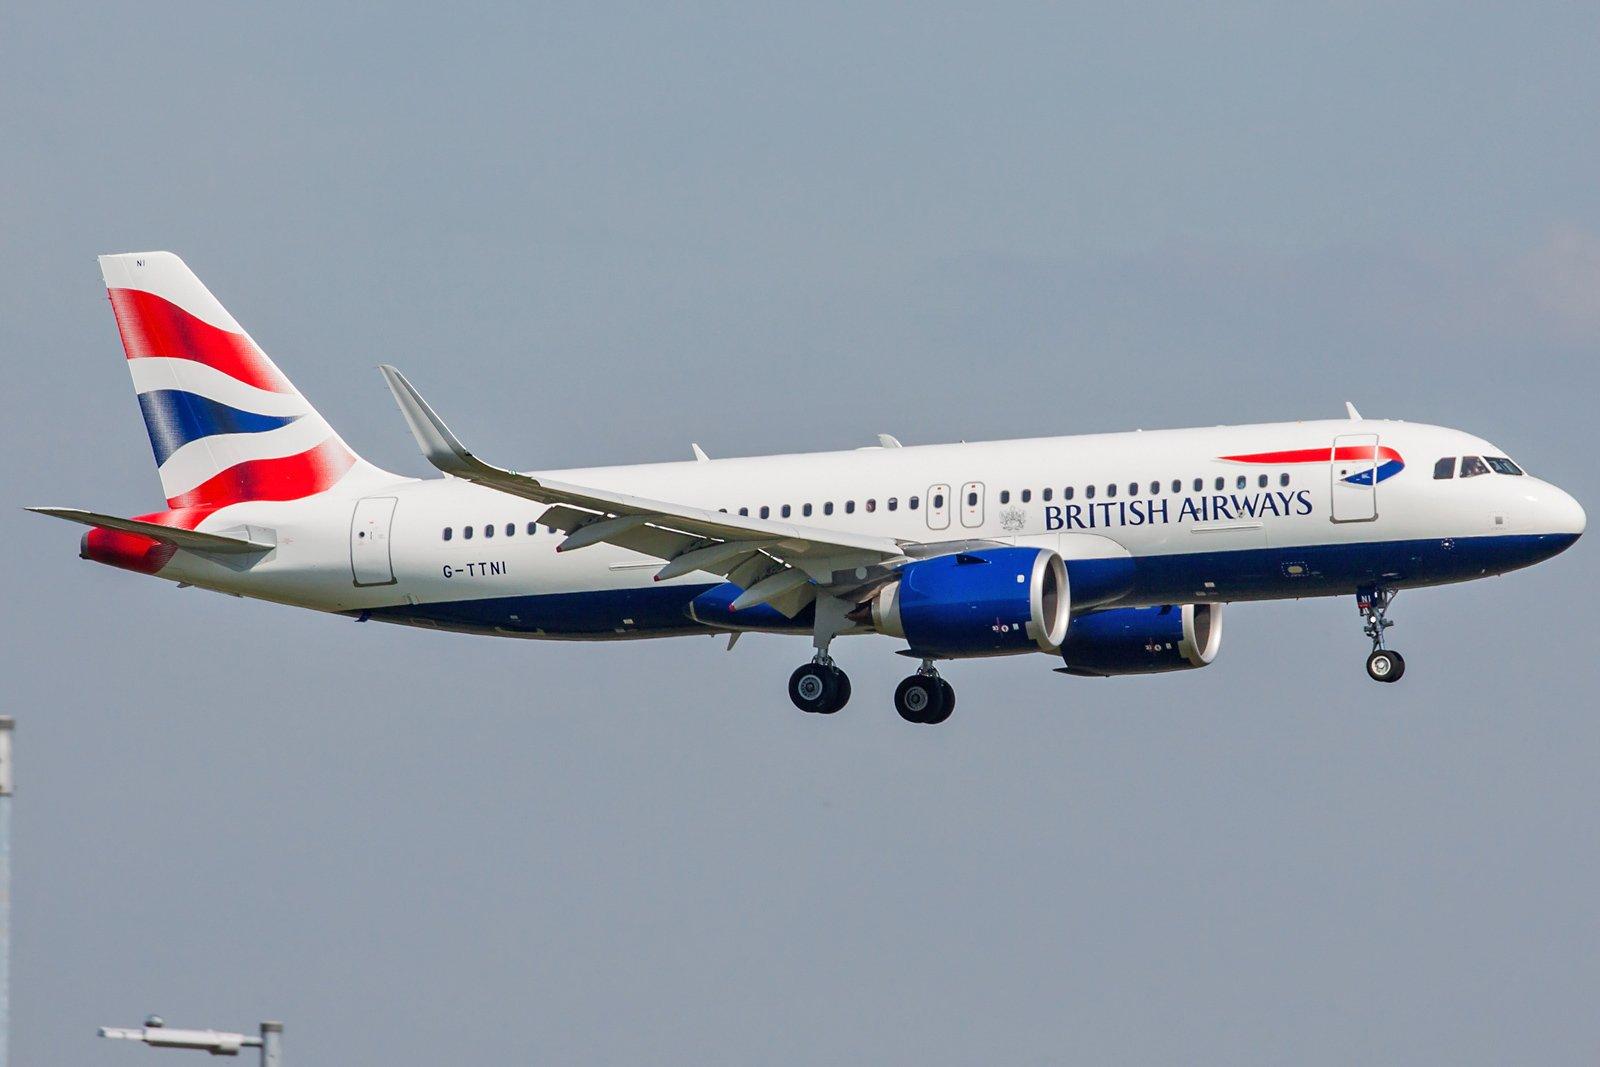 British Airways Airbus A320-251N G-TTNI